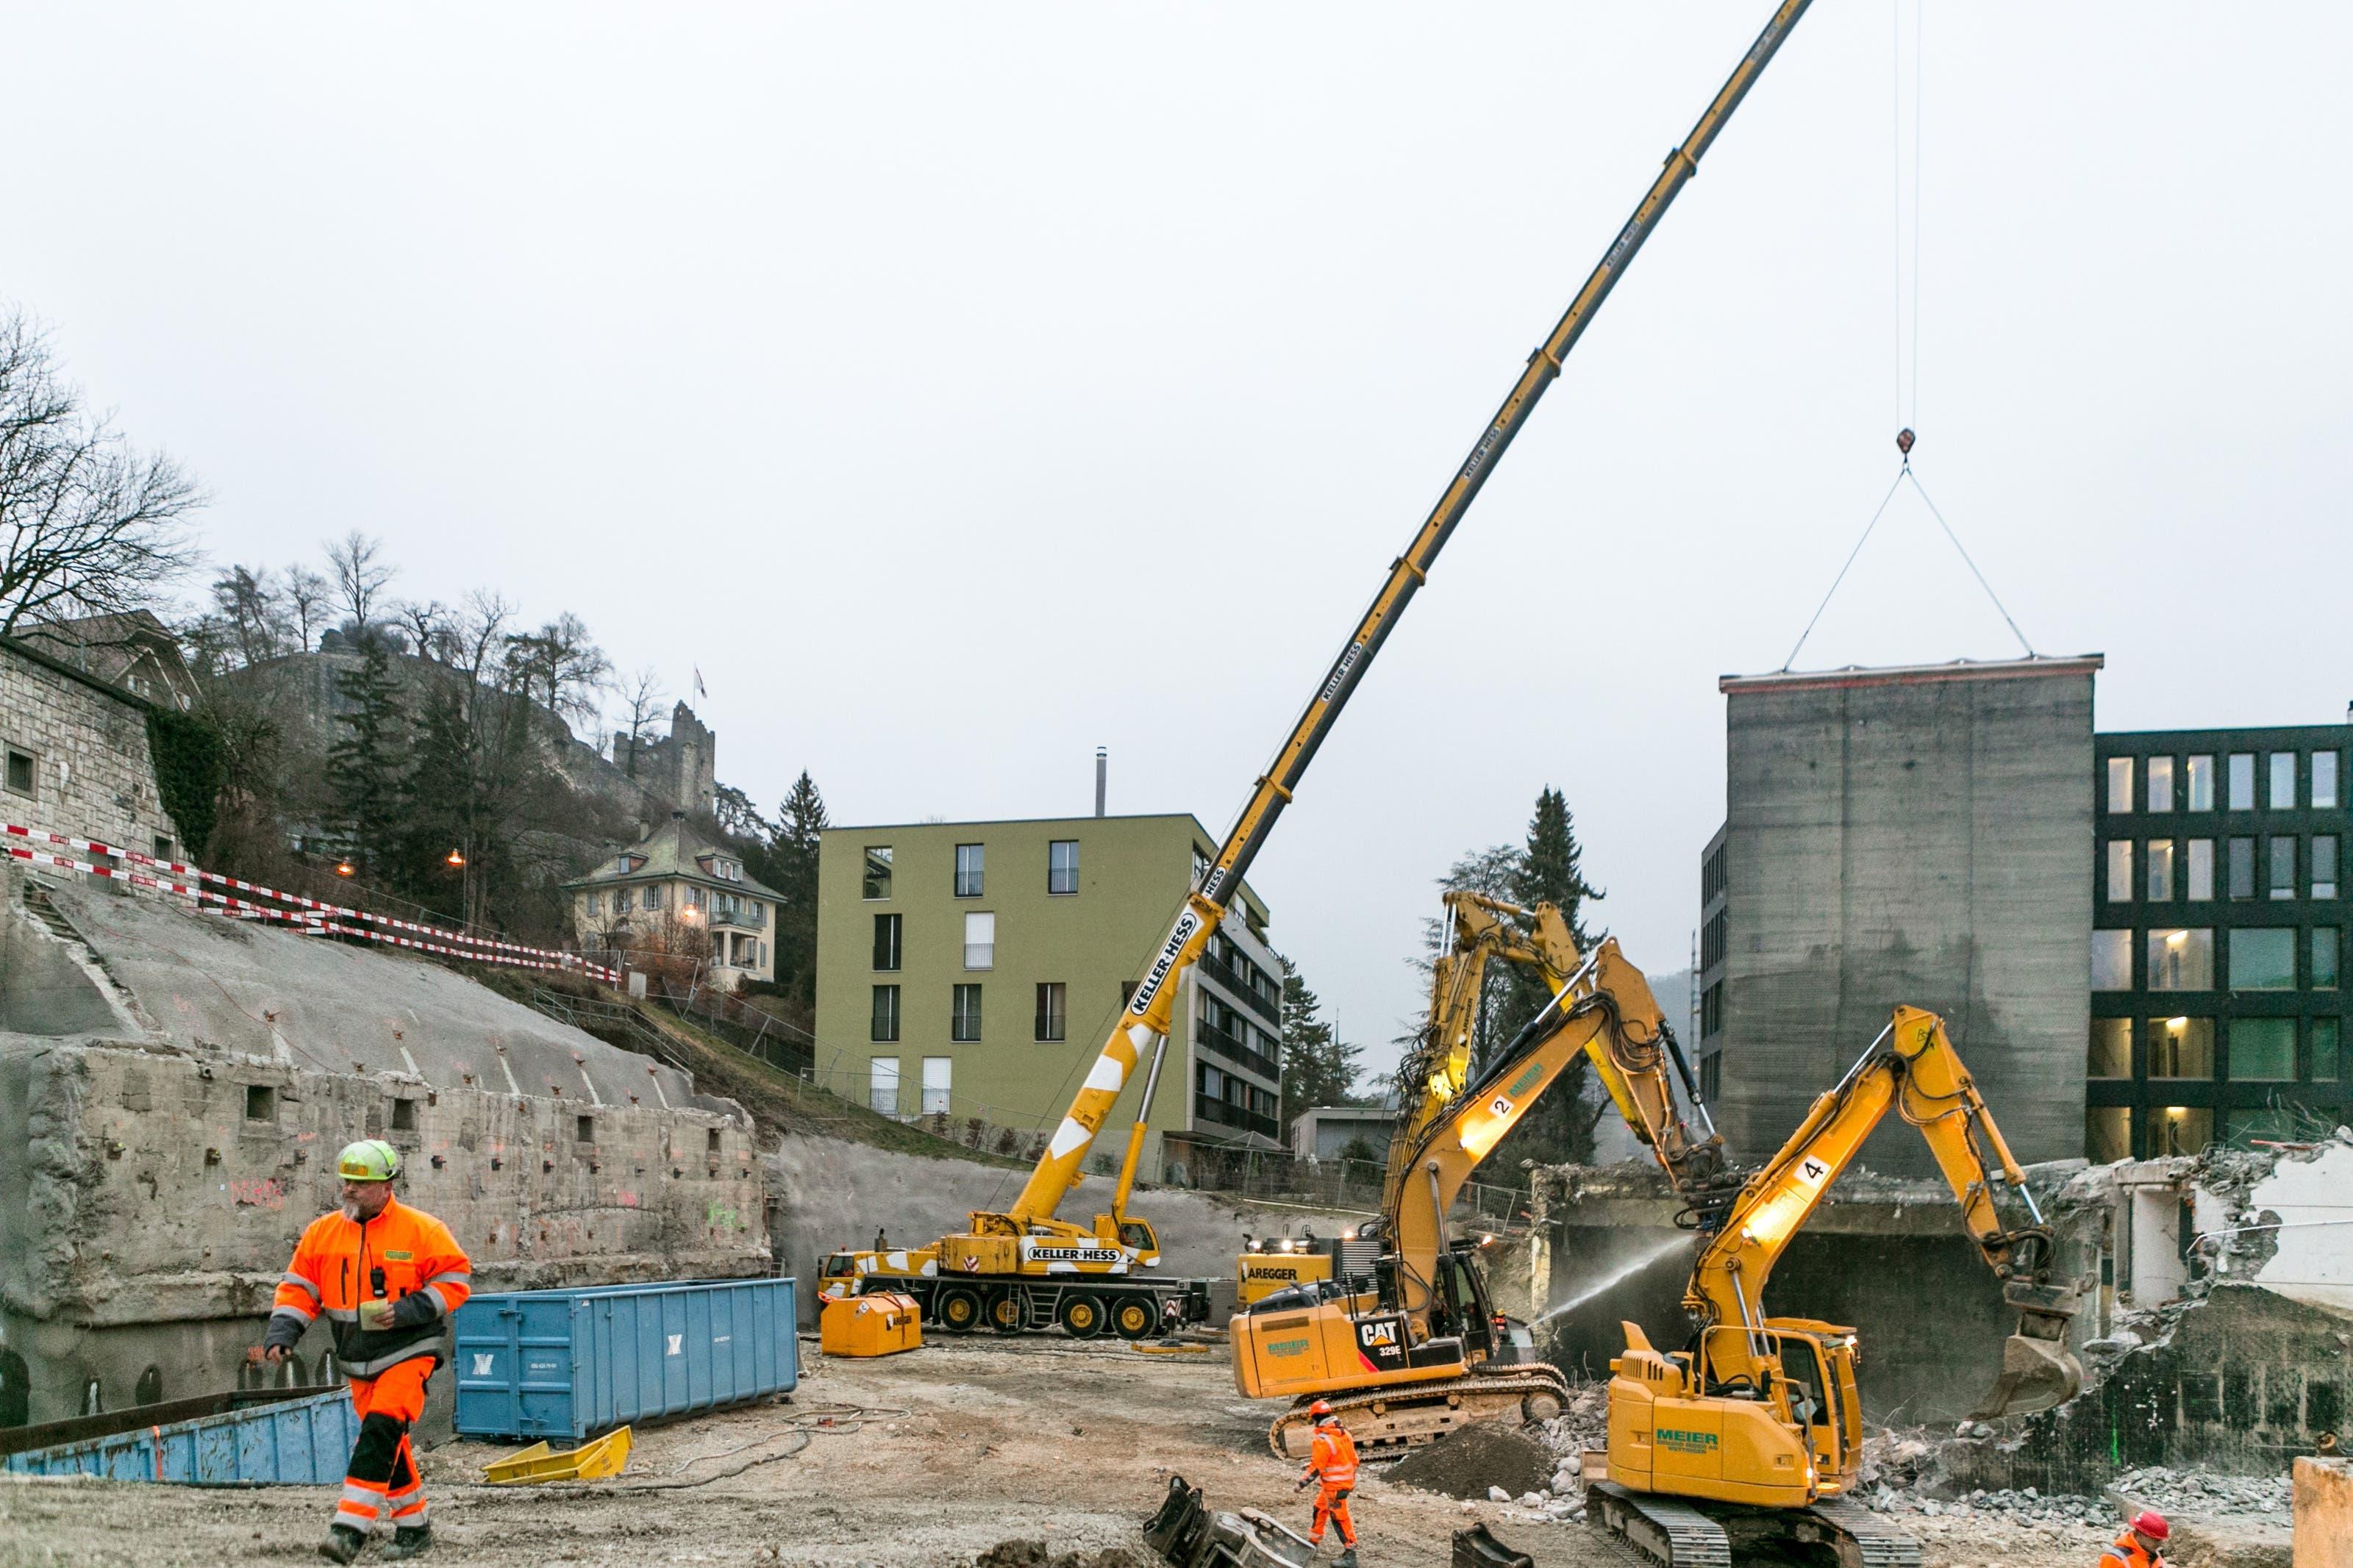 Auf der Baustelle für das neue Sekundarstufezentrum Burghalde wird heute eines der letzten Gebäudeteile mit einem riesigen Bagger abgerissen.